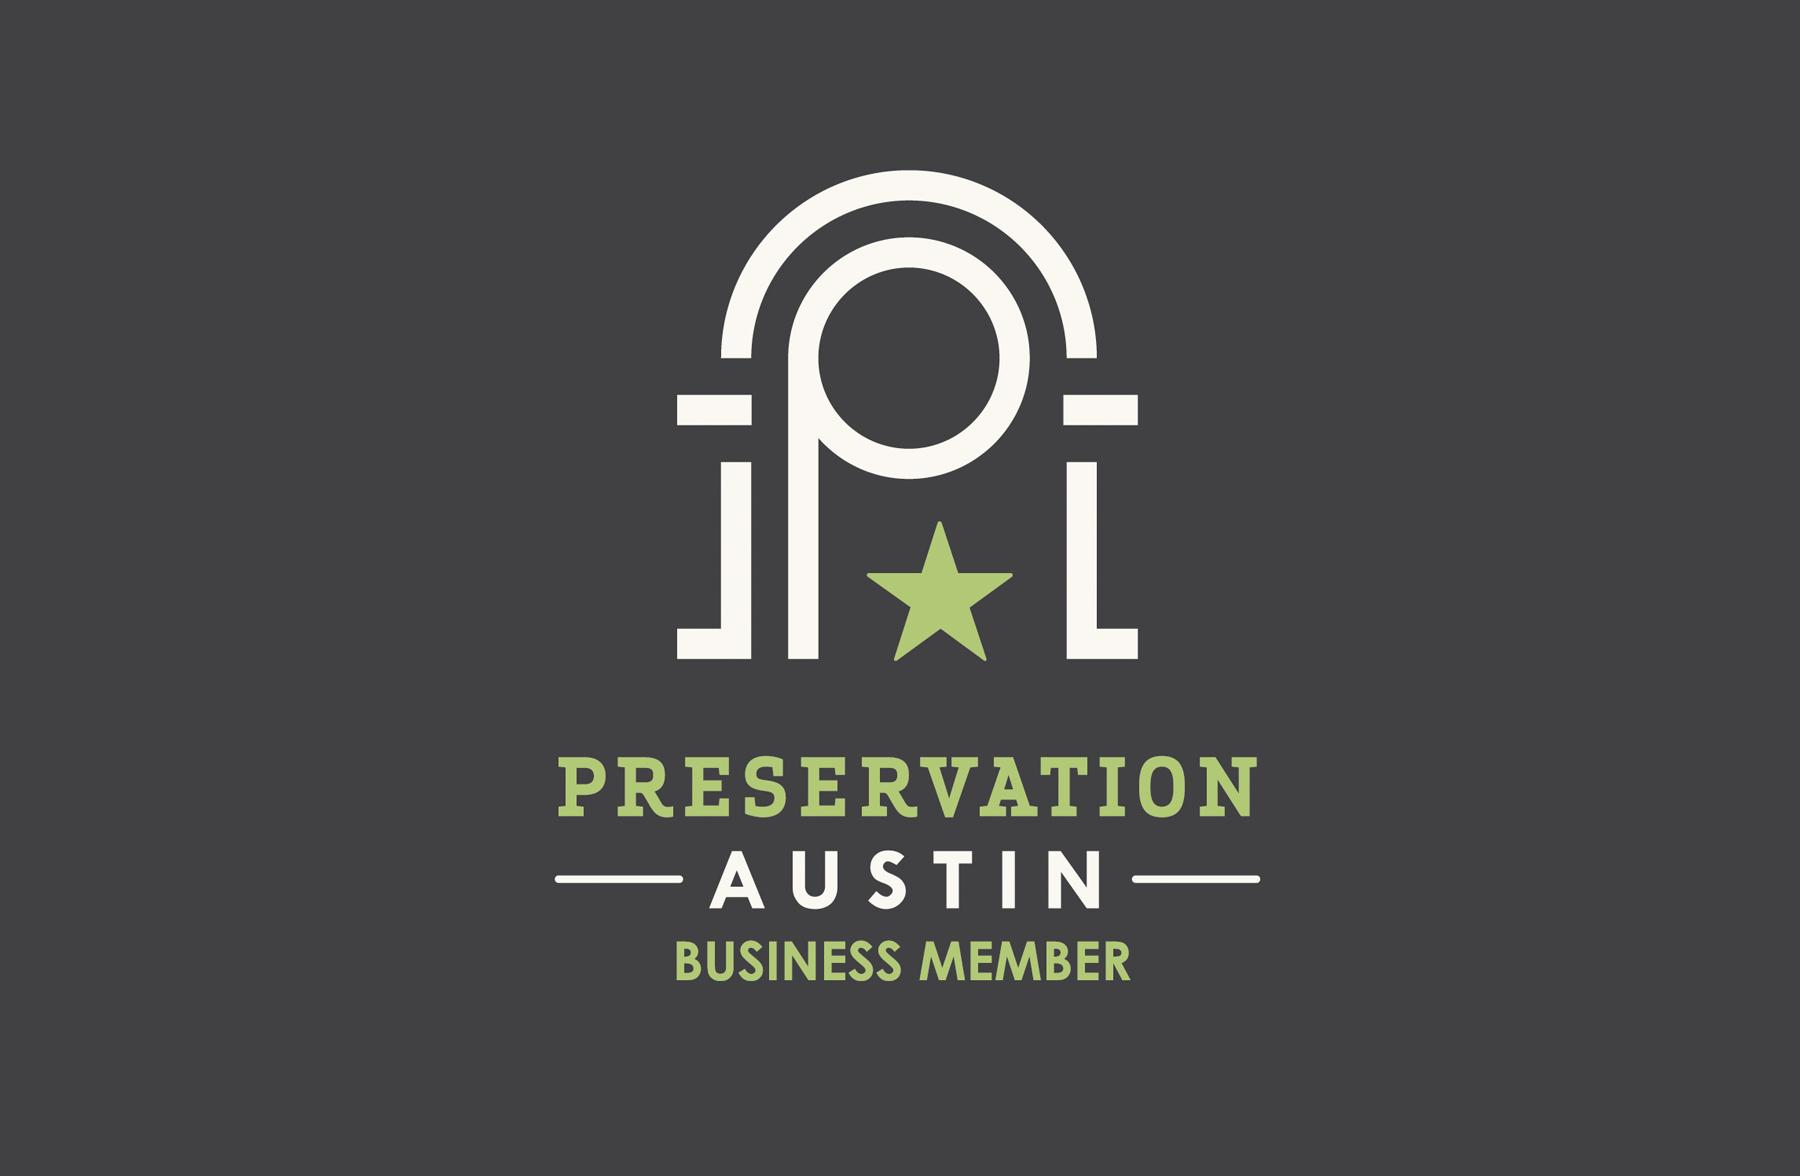 preserveaustin_businessmember FB logo.jpg